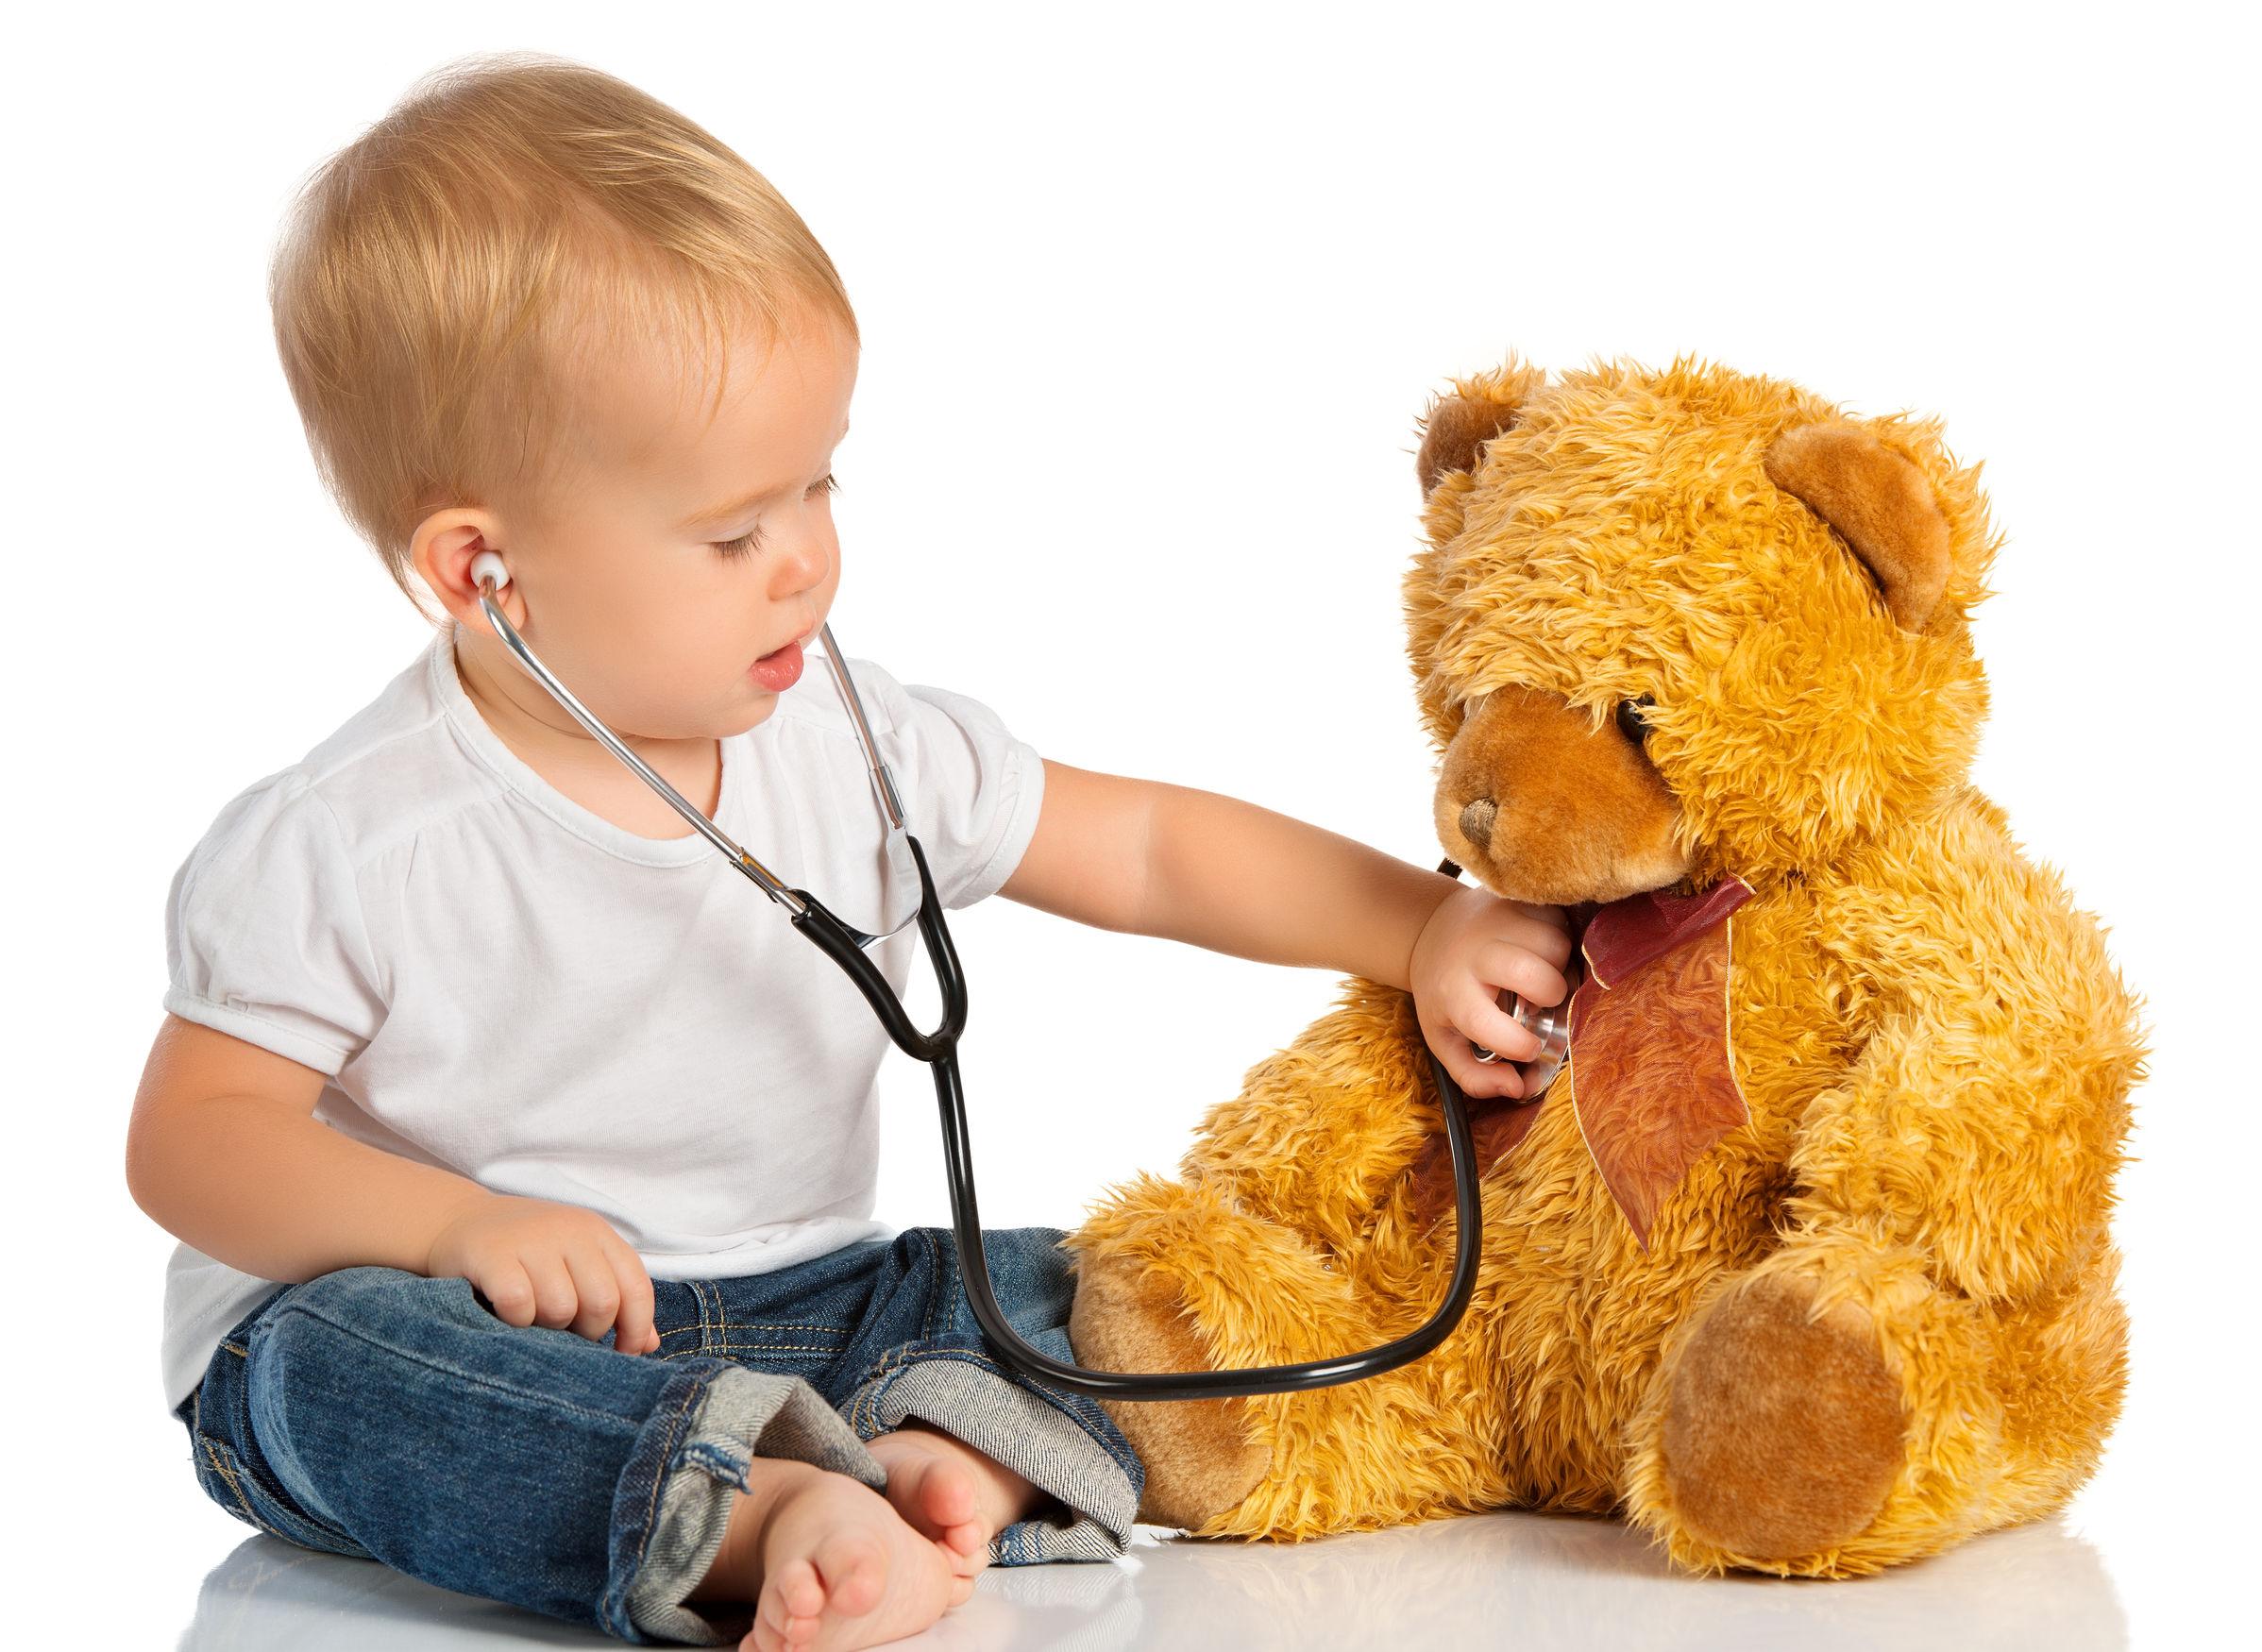 Hör- und Sprachentwicklung bei Kindern